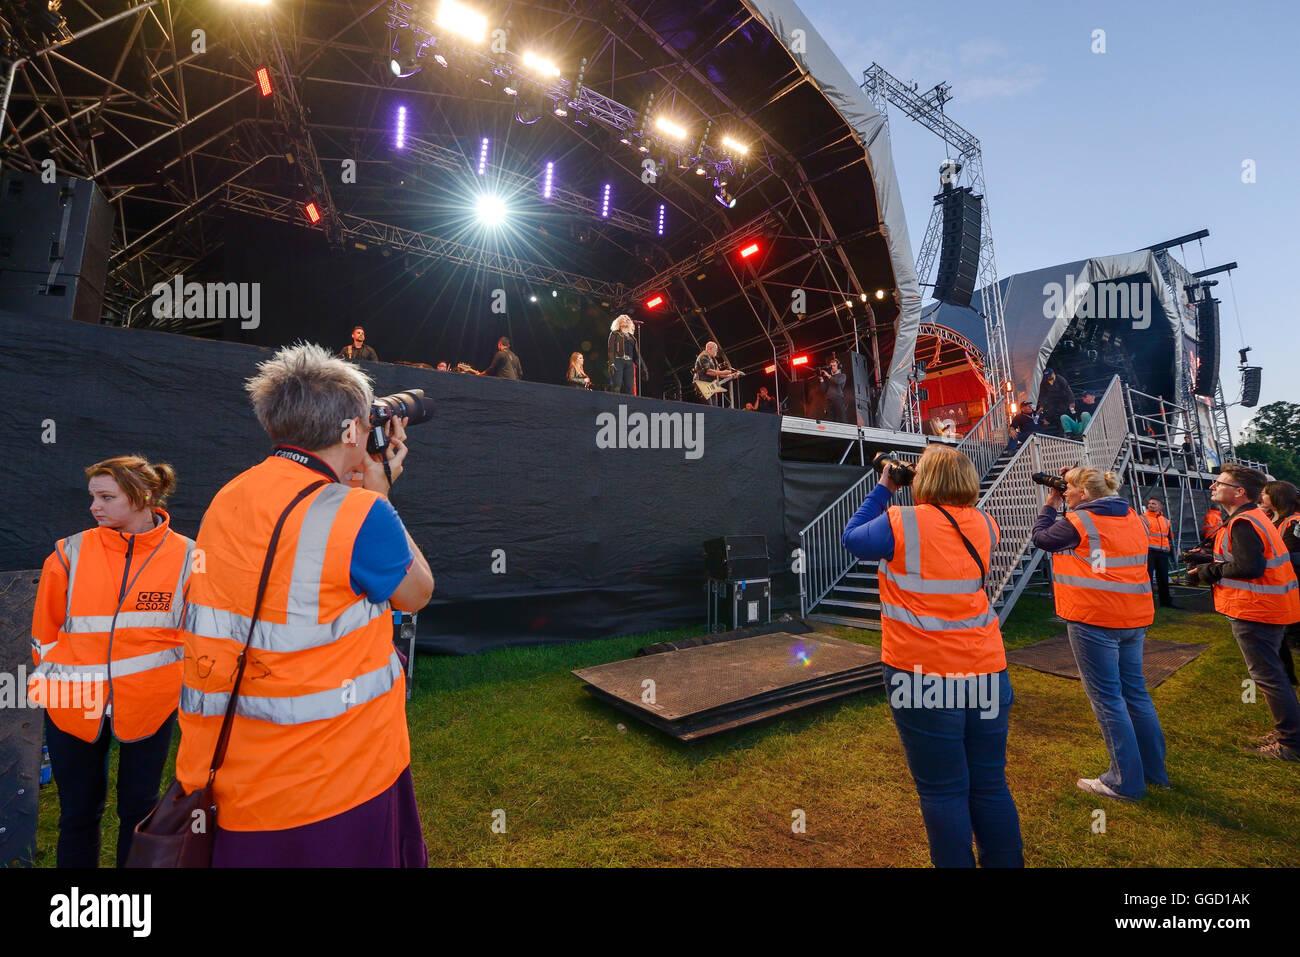 Carfest Nord, Bolesworth, Cheshire, UK. 31. Juli 2016. Fotografen in der Foto-Grube vor der Hauptbühne. Stockbild